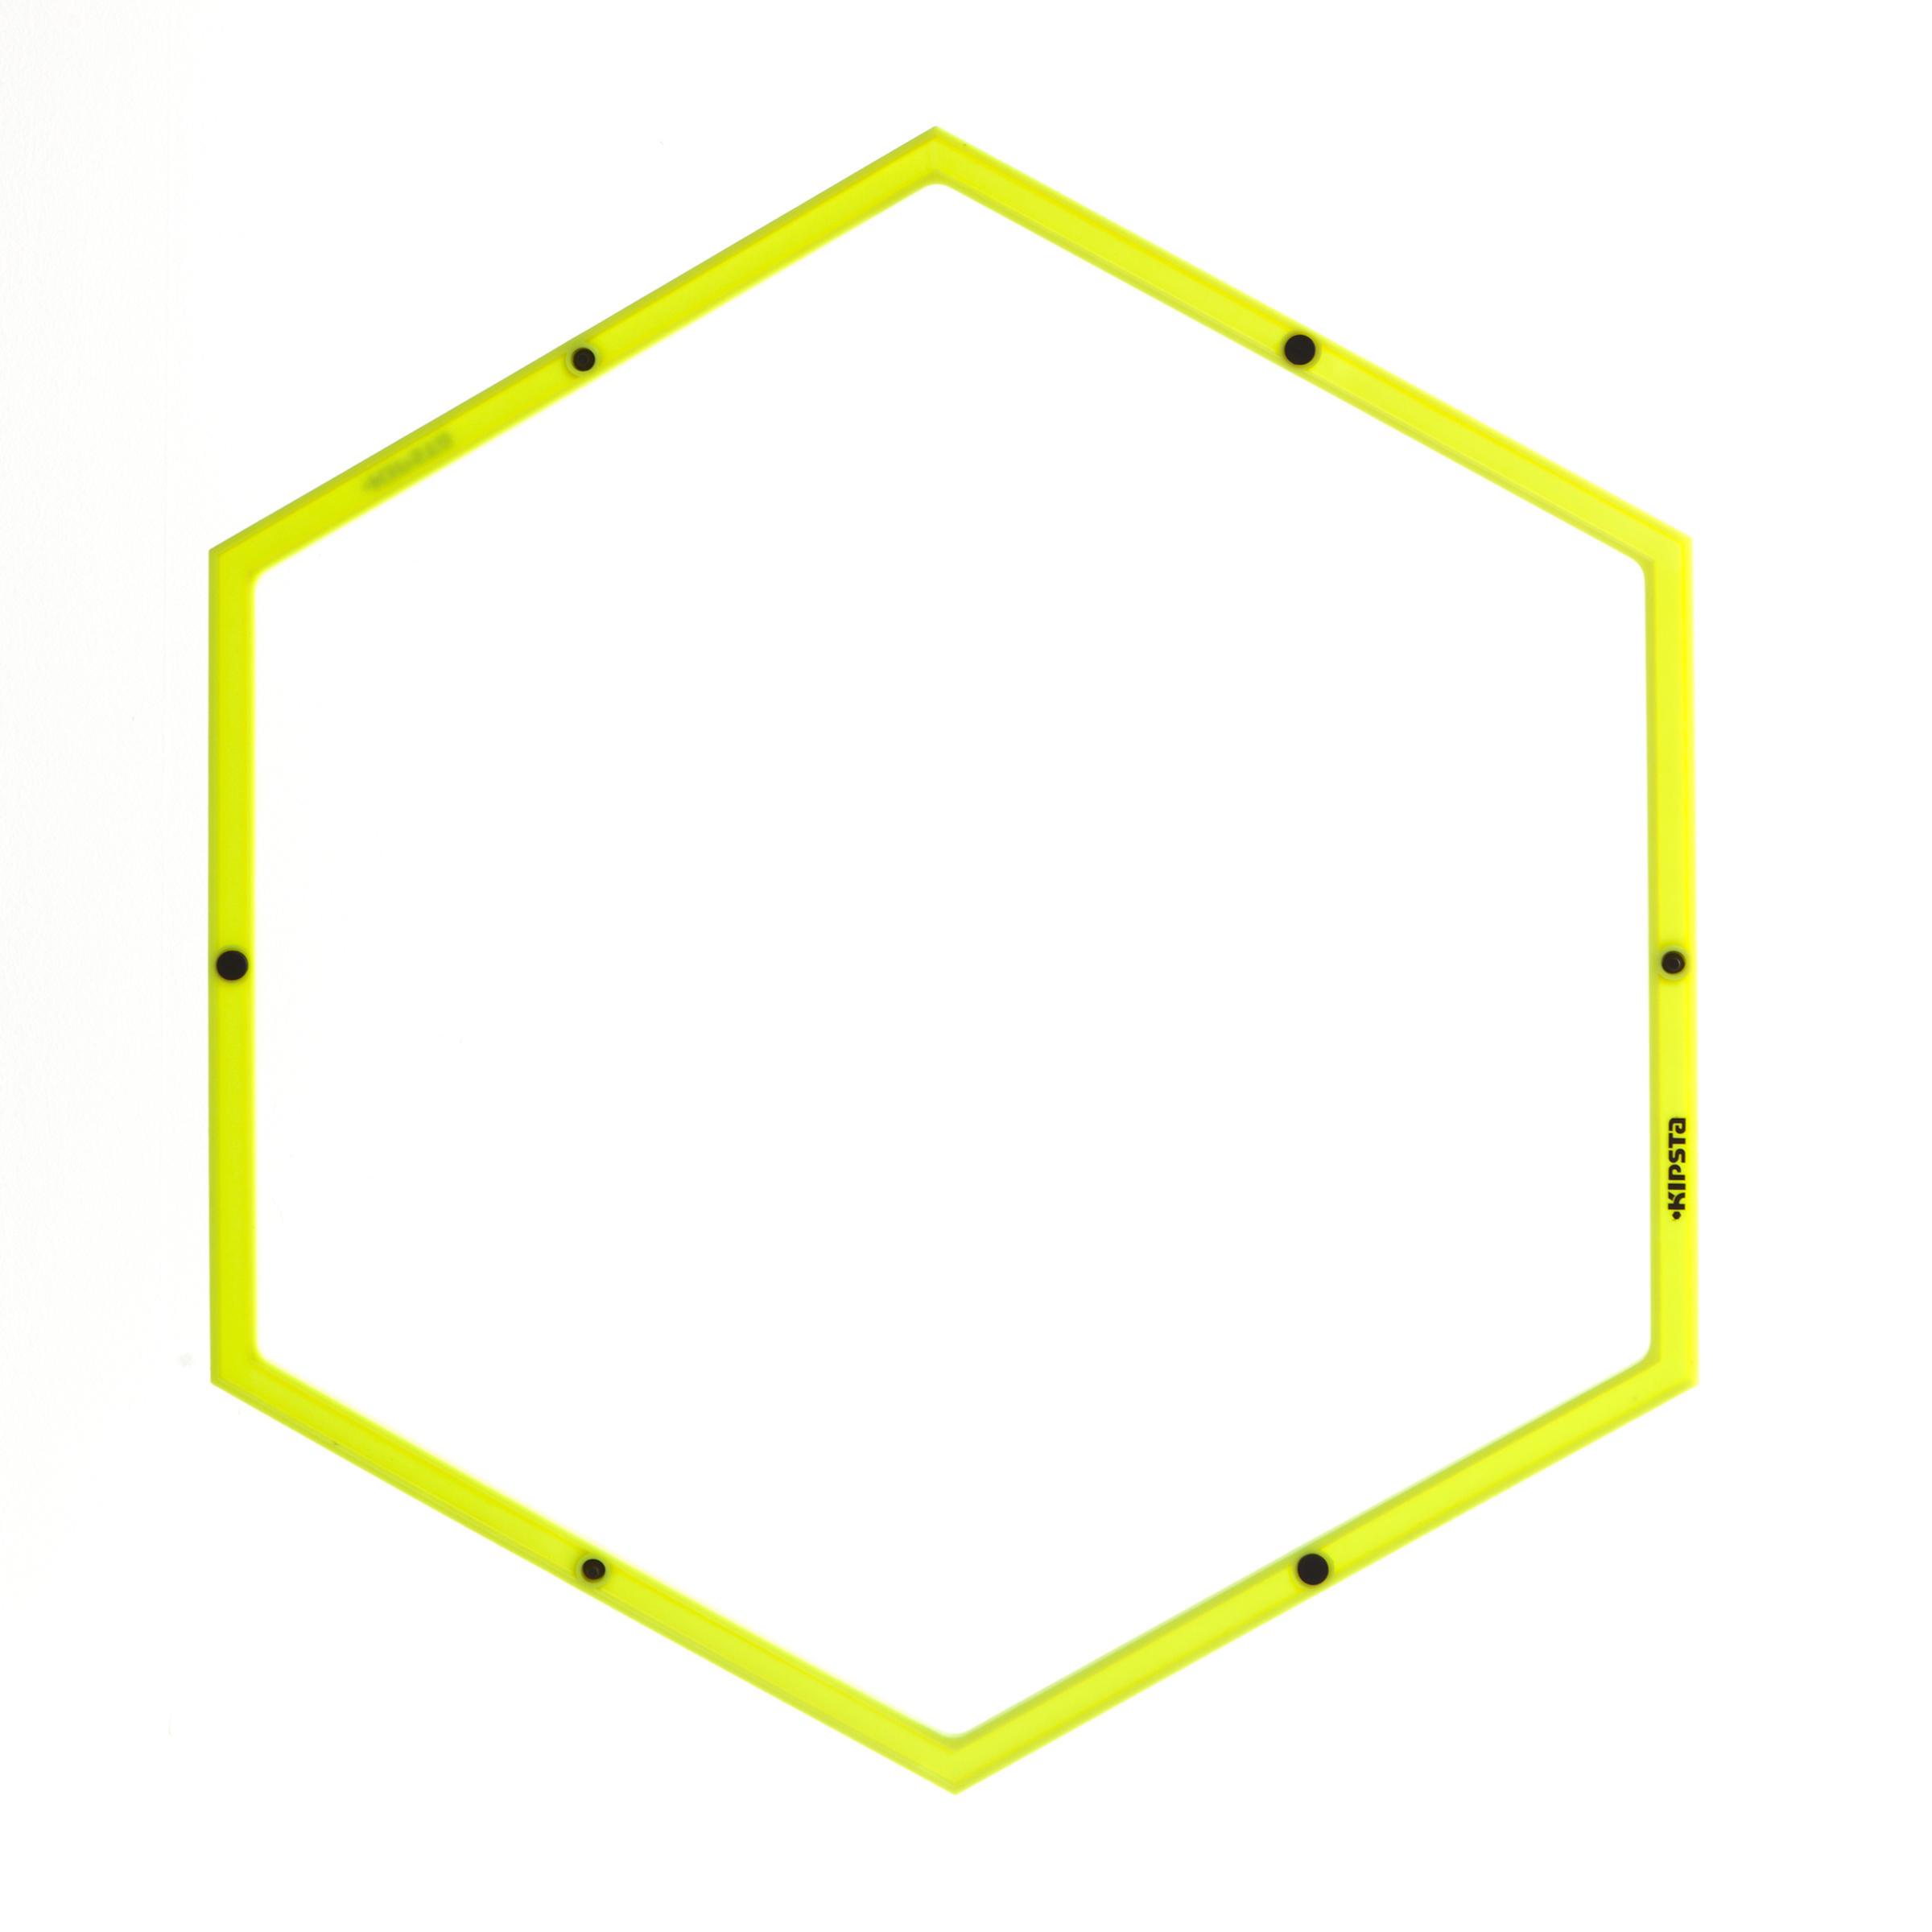 Cerceau universel 58 cm jaune